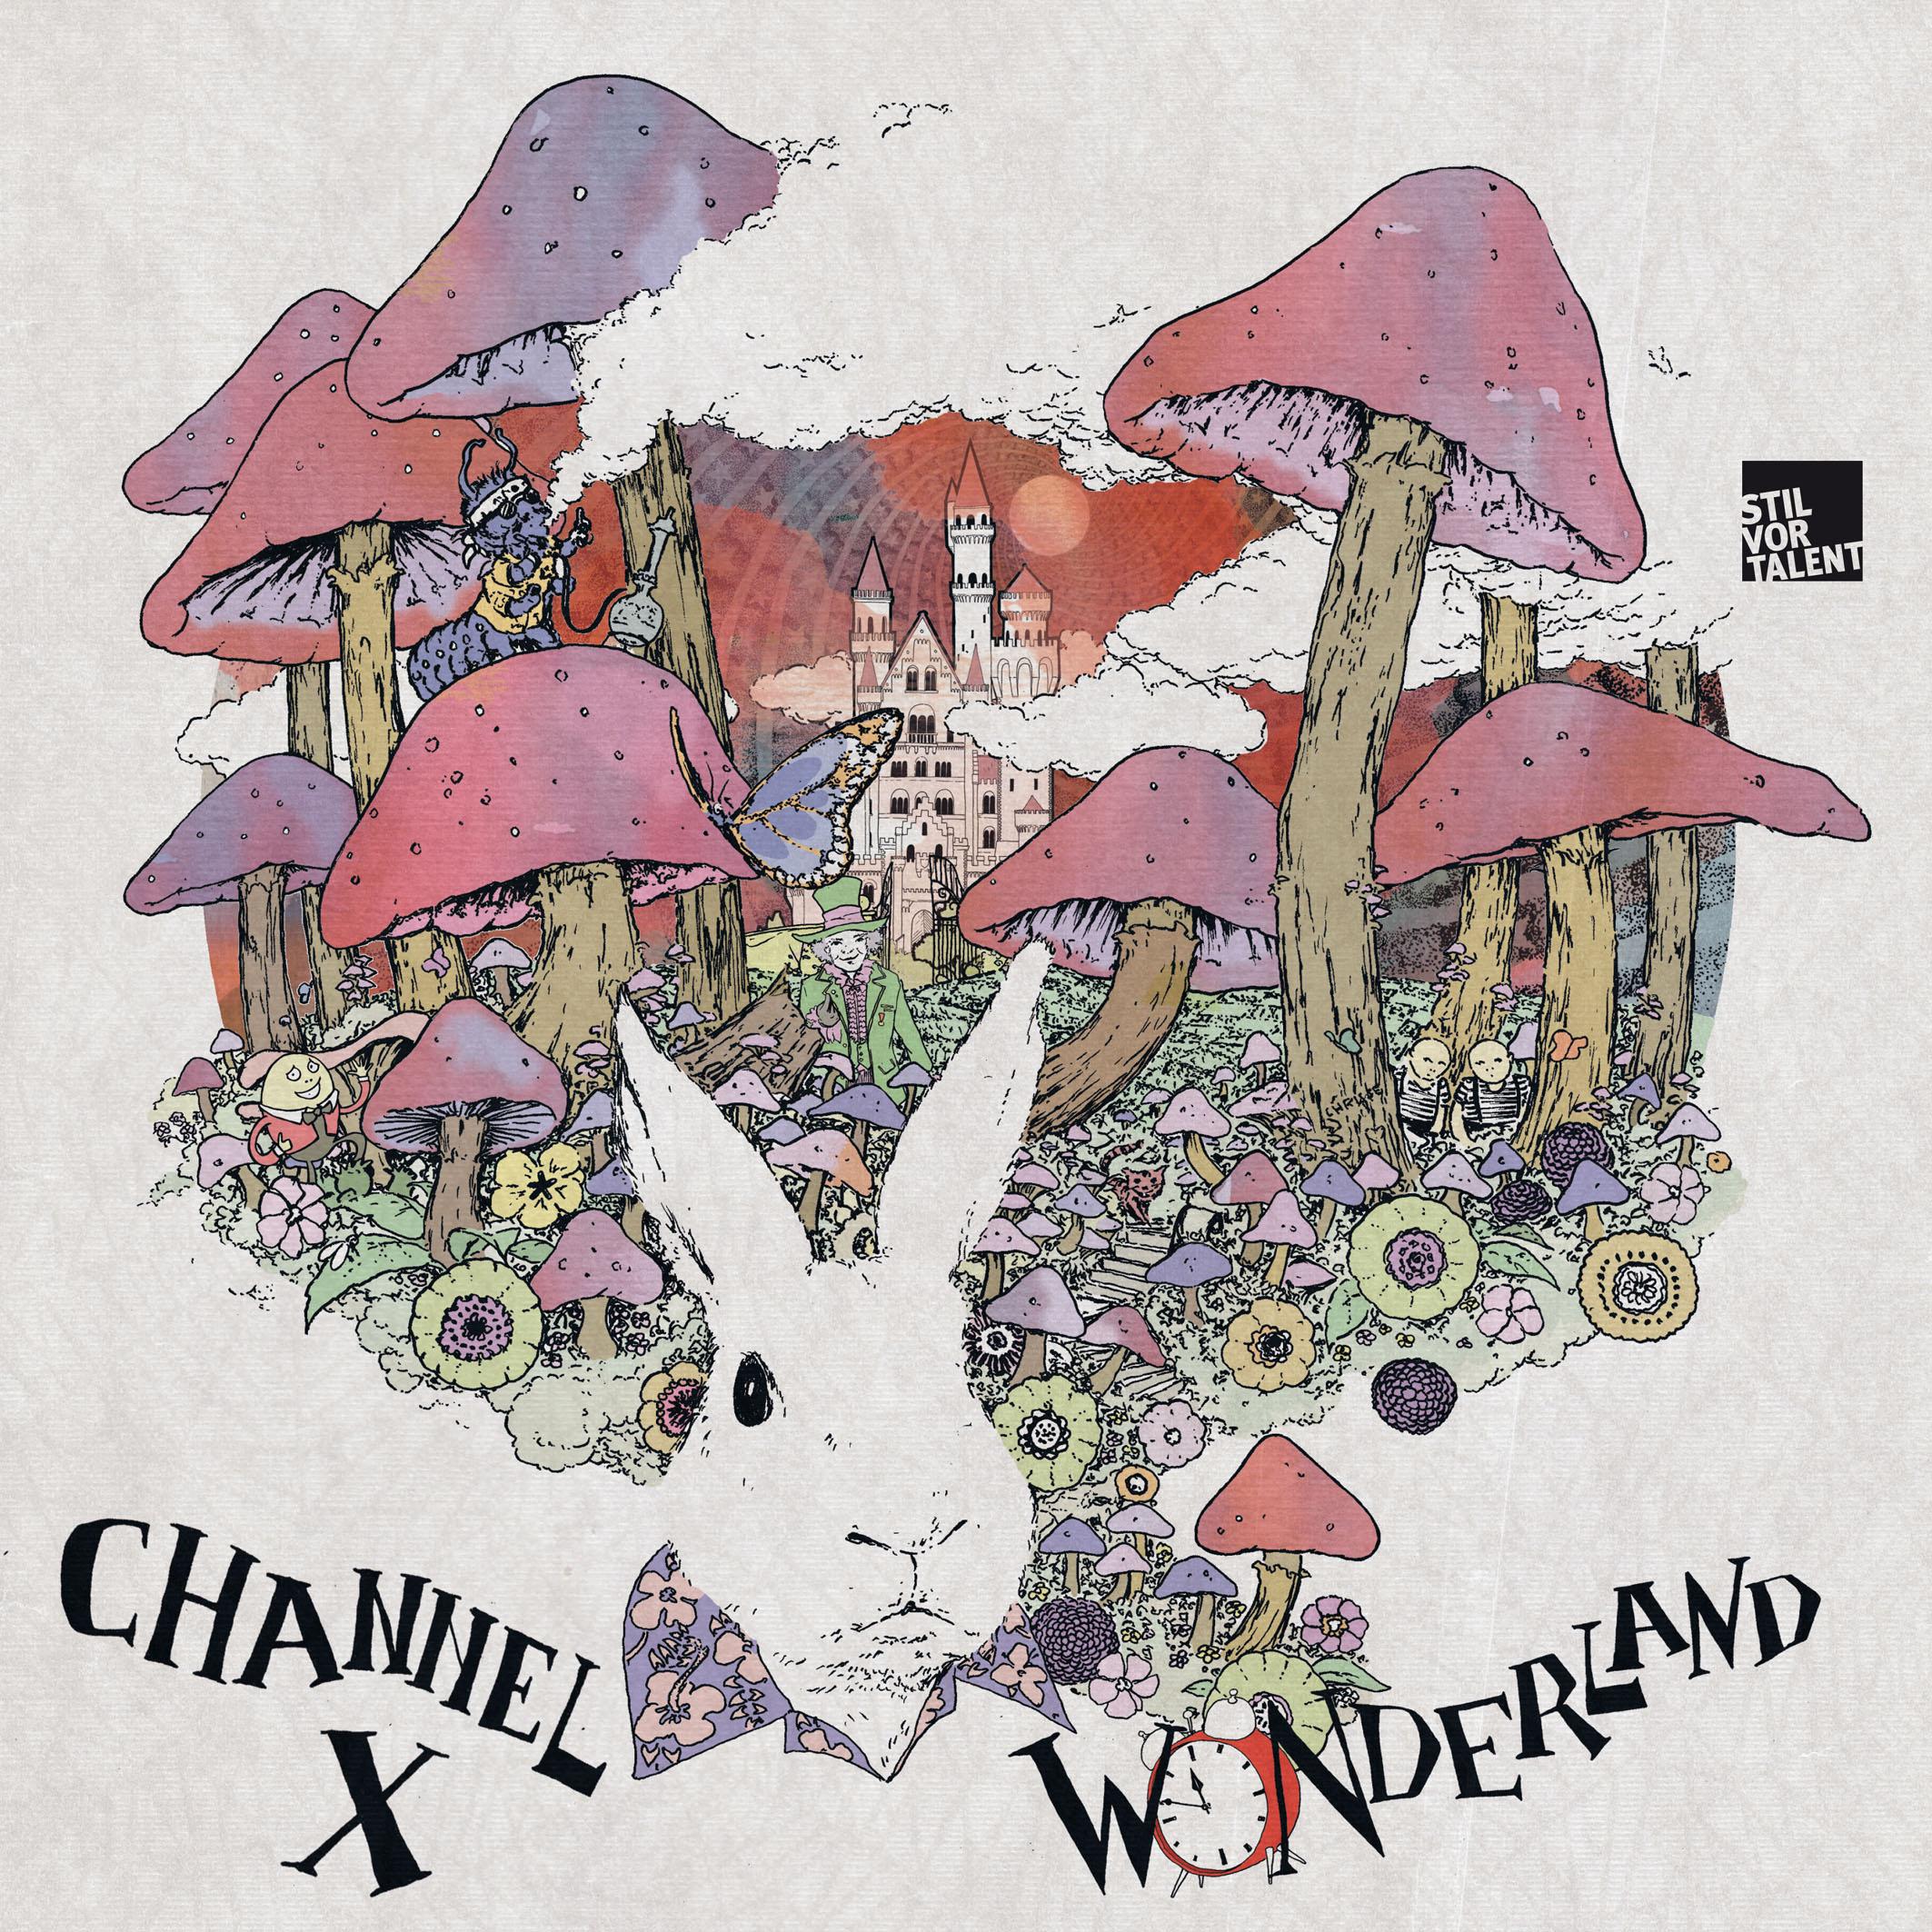 """Channel X laden uns in ihr """"Wonderland"""" ein!"""